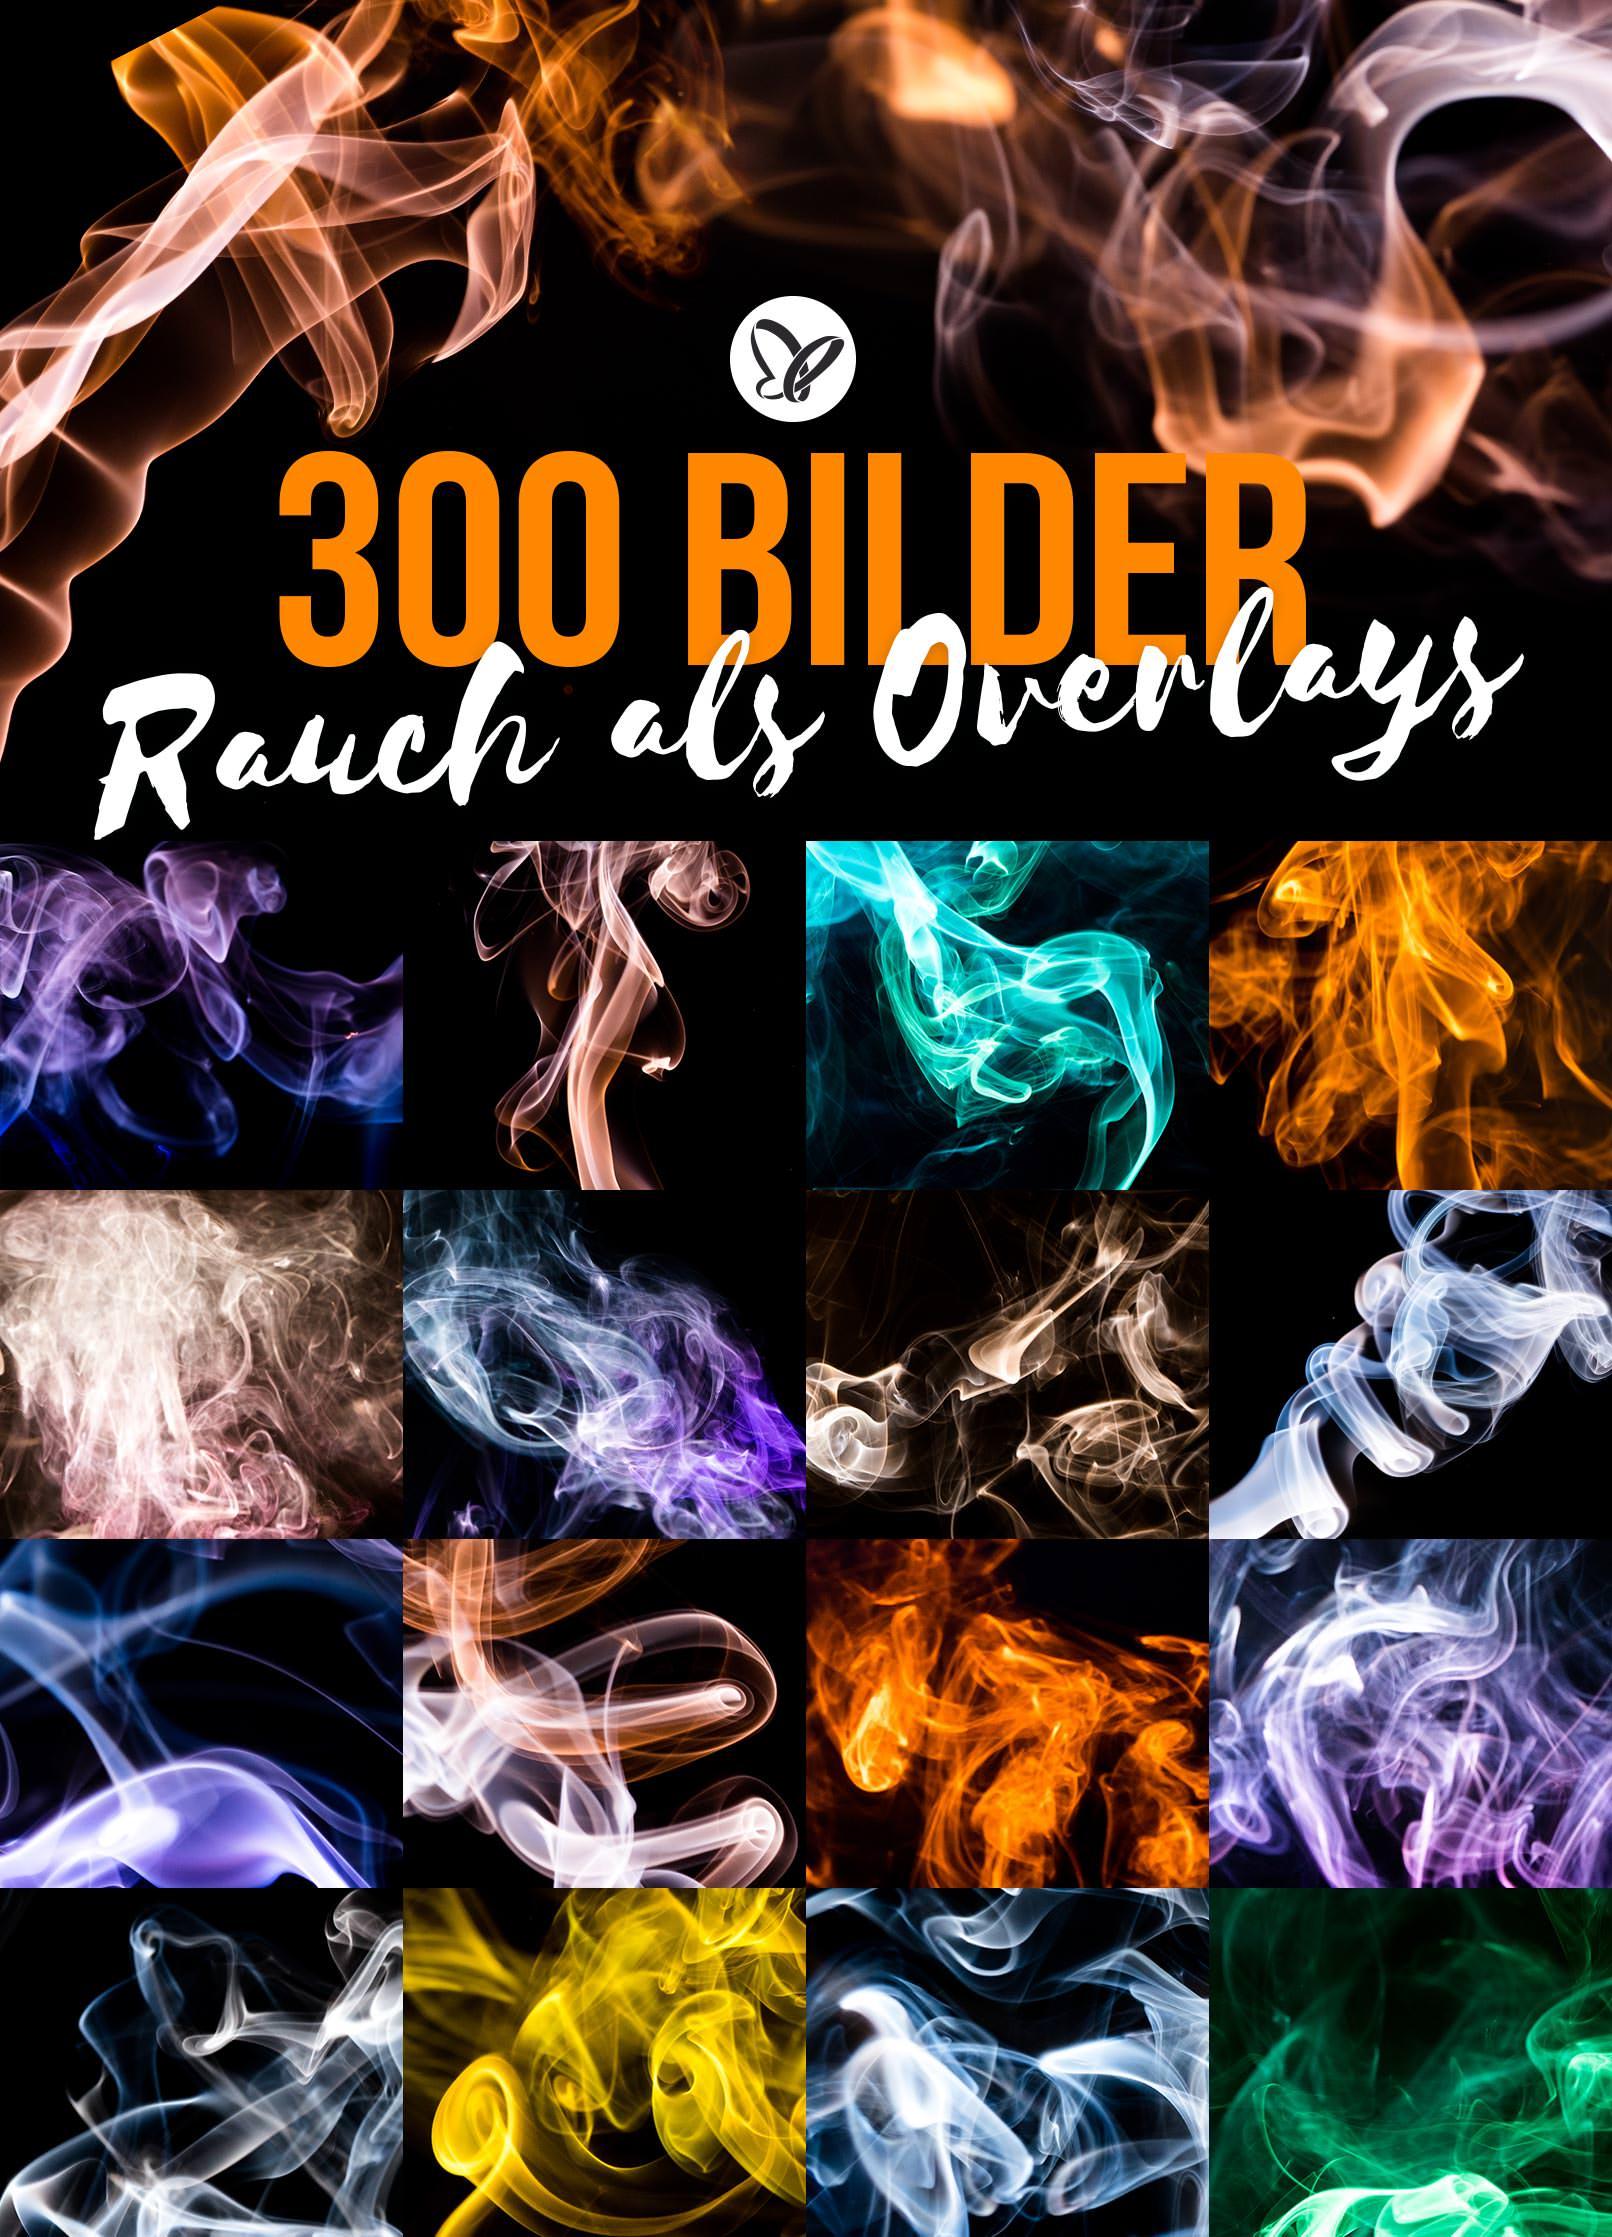 Smoke-Overlays, Rauch-Bilder in verschiedenen Farben